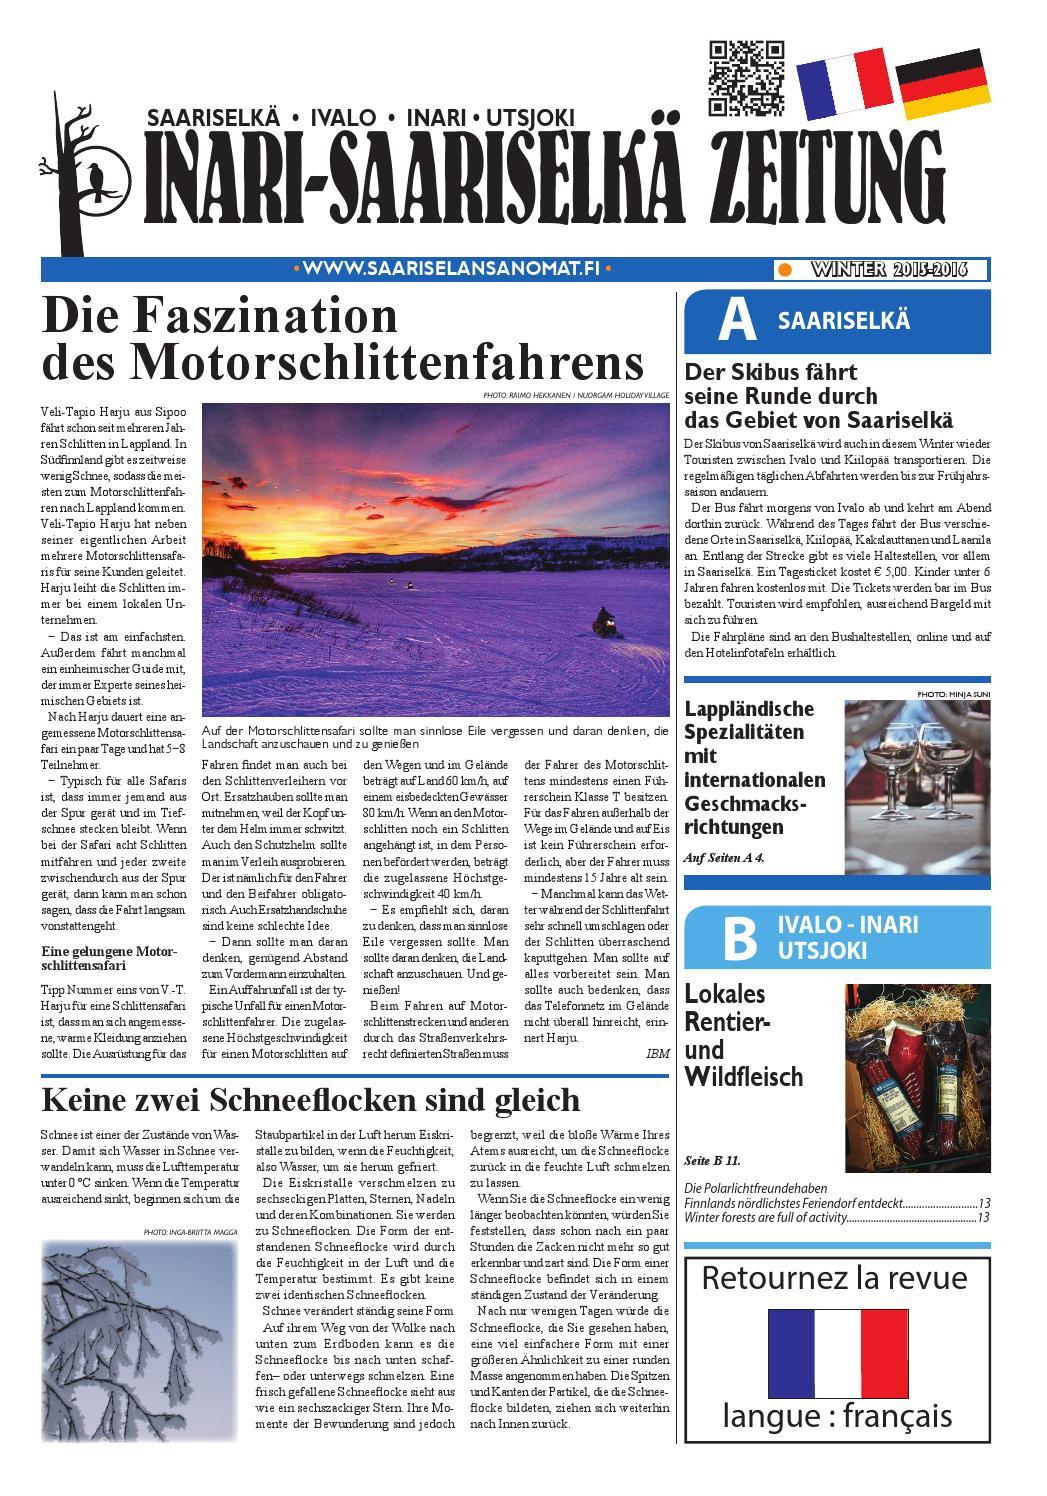 Atemberaubend Warmwassertauchbecken Bilder - Elektrische Schaltplan ...